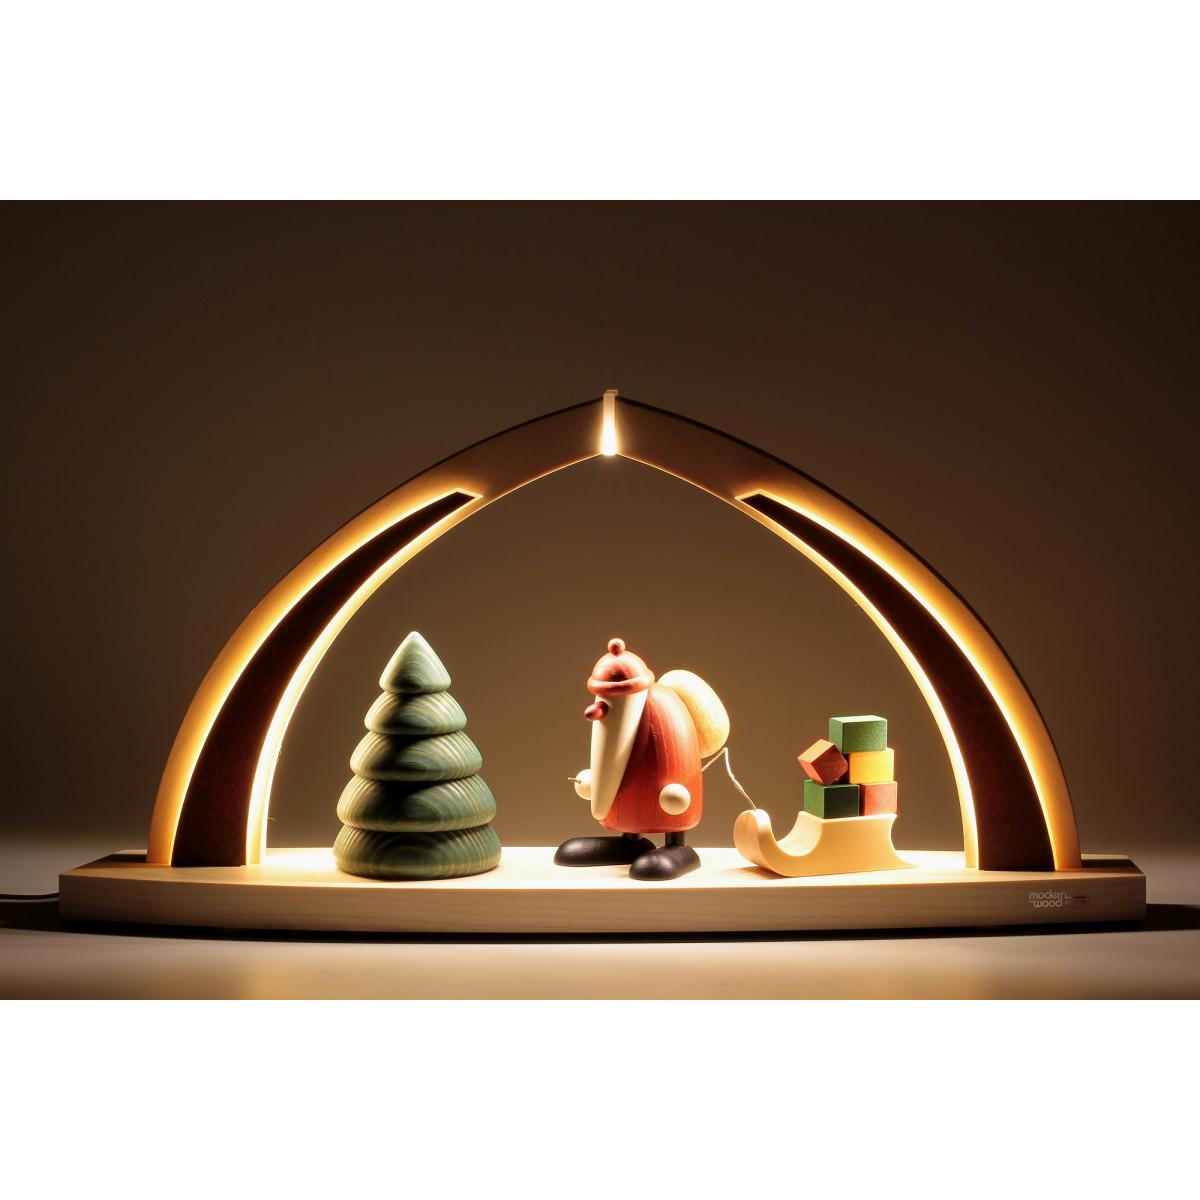 led schwibbogen mit bjoern k hler weihnachtsmann mit geschenkeschlitten erzgebirgskunst drechsel. Black Bedroom Furniture Sets. Home Design Ideas